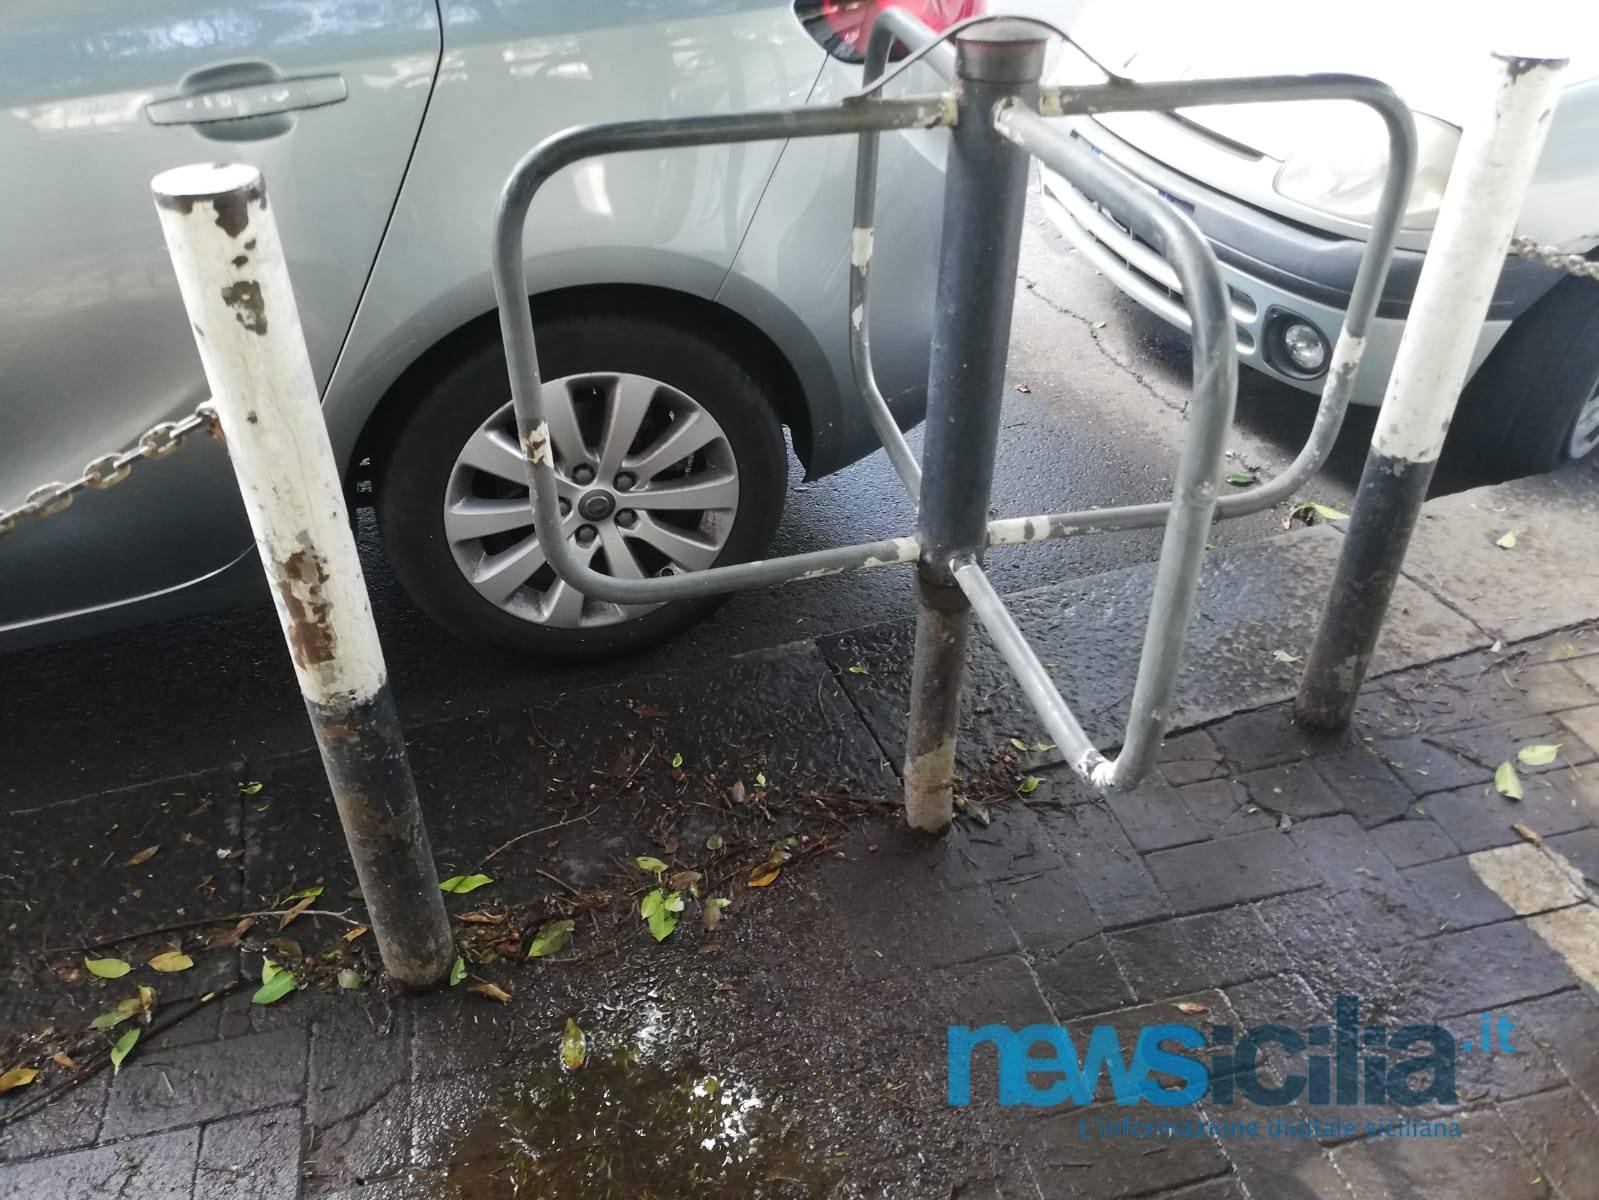 Catania discrimina i disabili? Barriere architettoniche e tanta maleducazione nella città che vorrebbe essere metropoli – FOTO